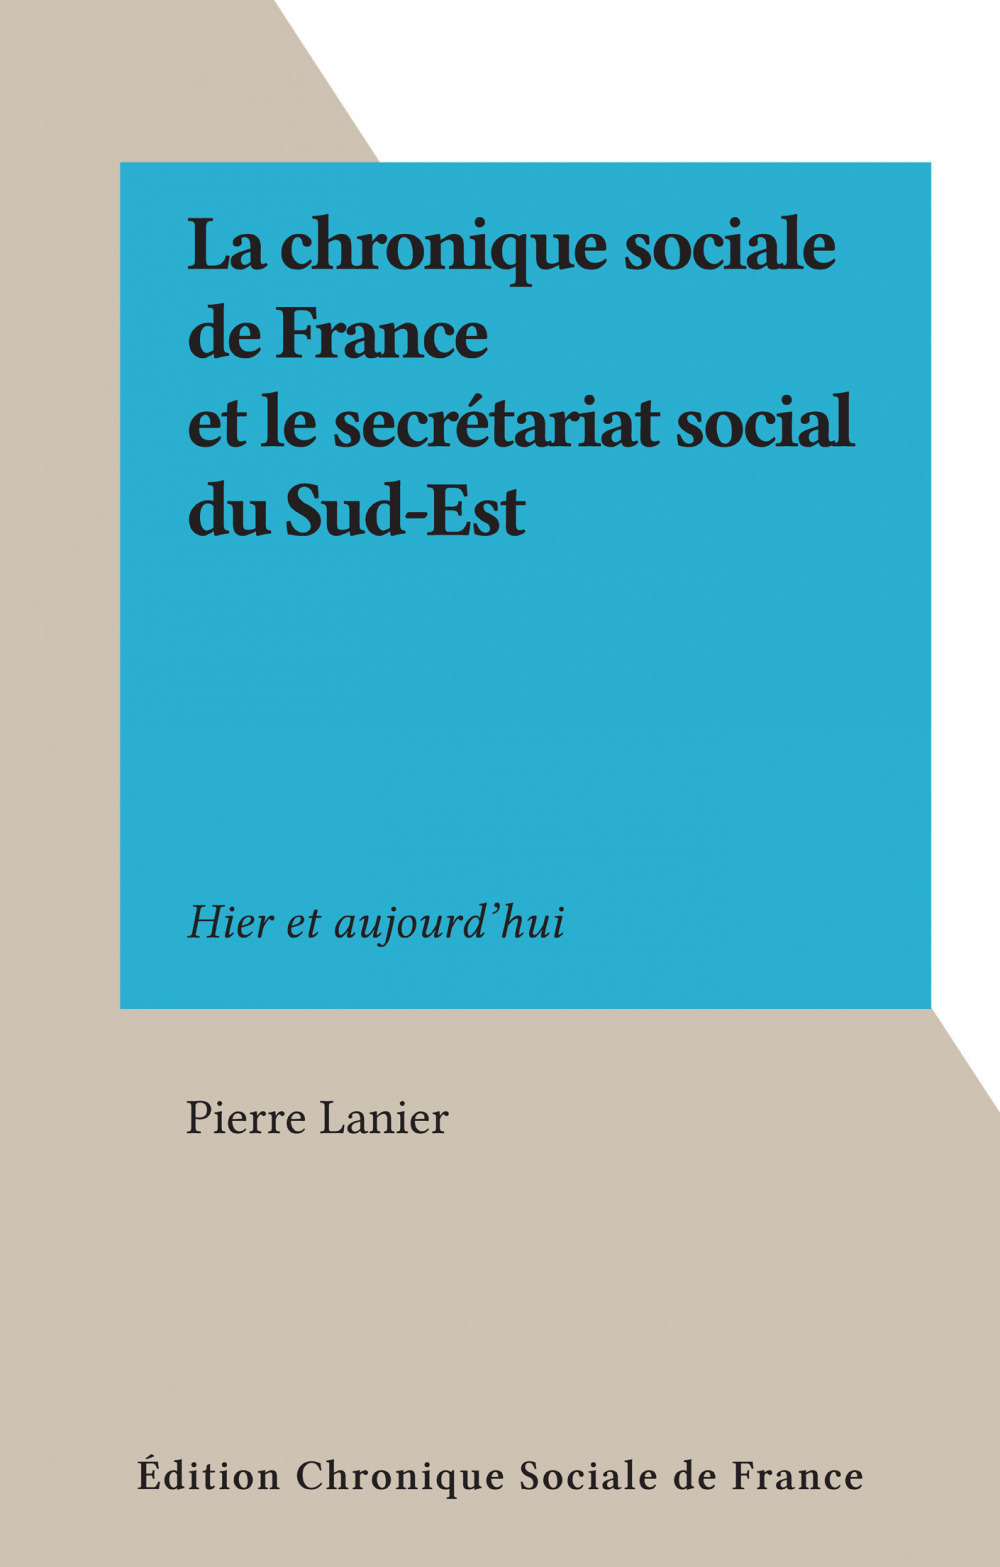 La chronique sociale de France et le secrétariat social du Sud-Est  - Pierre Lanier